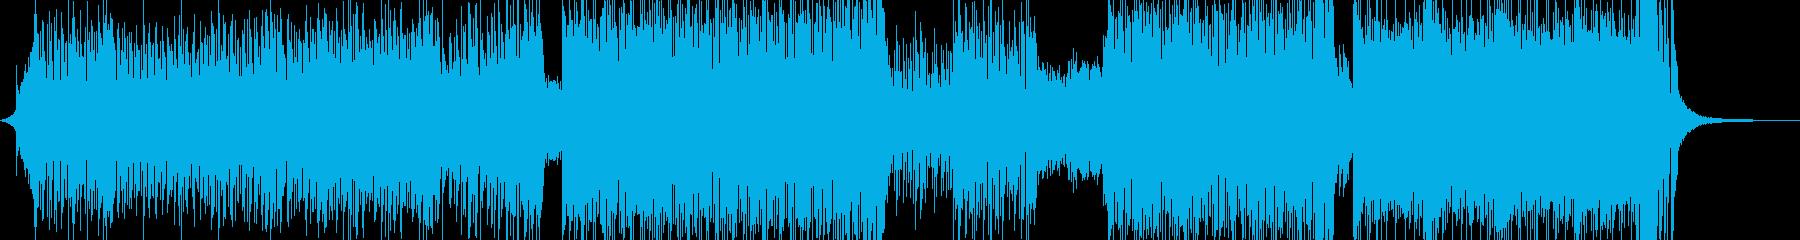 ♪ゆめかわな雰囲気・ダンスポップ♪ 短尺の再生済みの波形